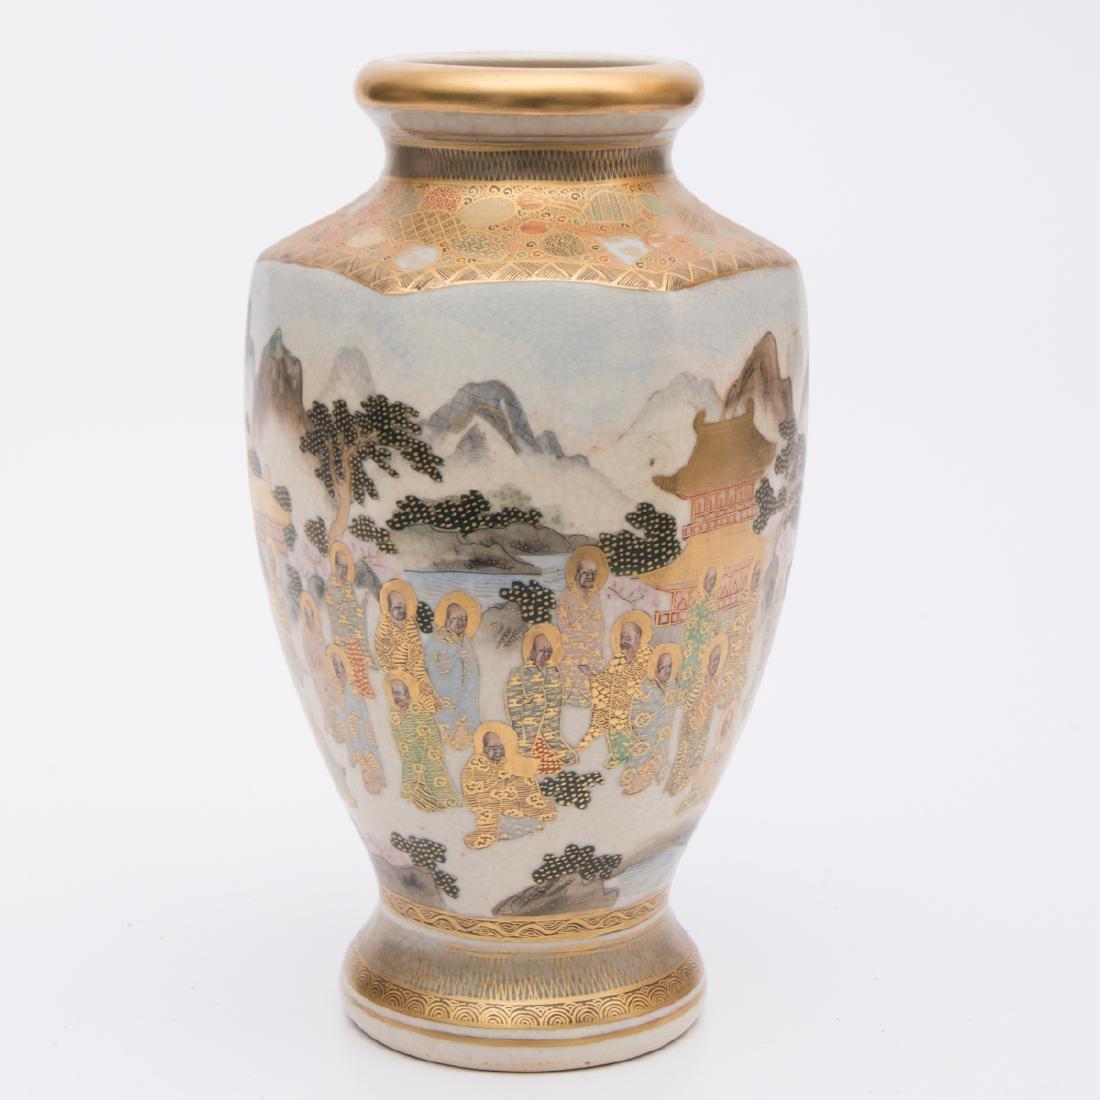 A Japanese Satsuma Porcelain Shaped Vase, 20th Century. - 2